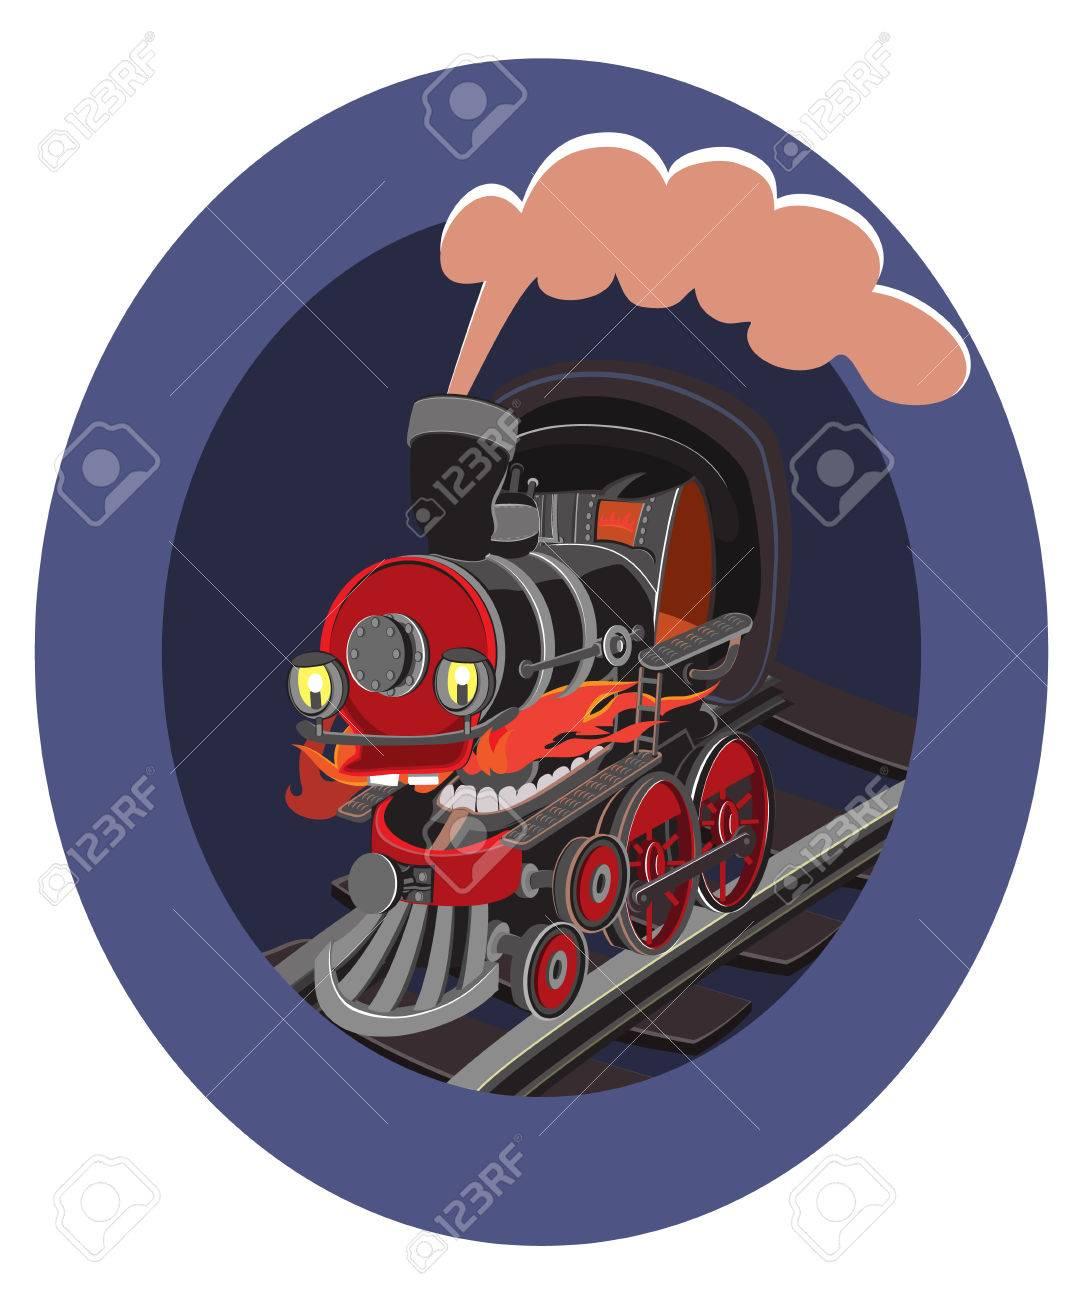 Viajan JugueteLocomotora ColorJuguetes Trenes Vectores De La Dibujos VagonesLos Y Niños Para Animados Conjunto OiXTPZuk